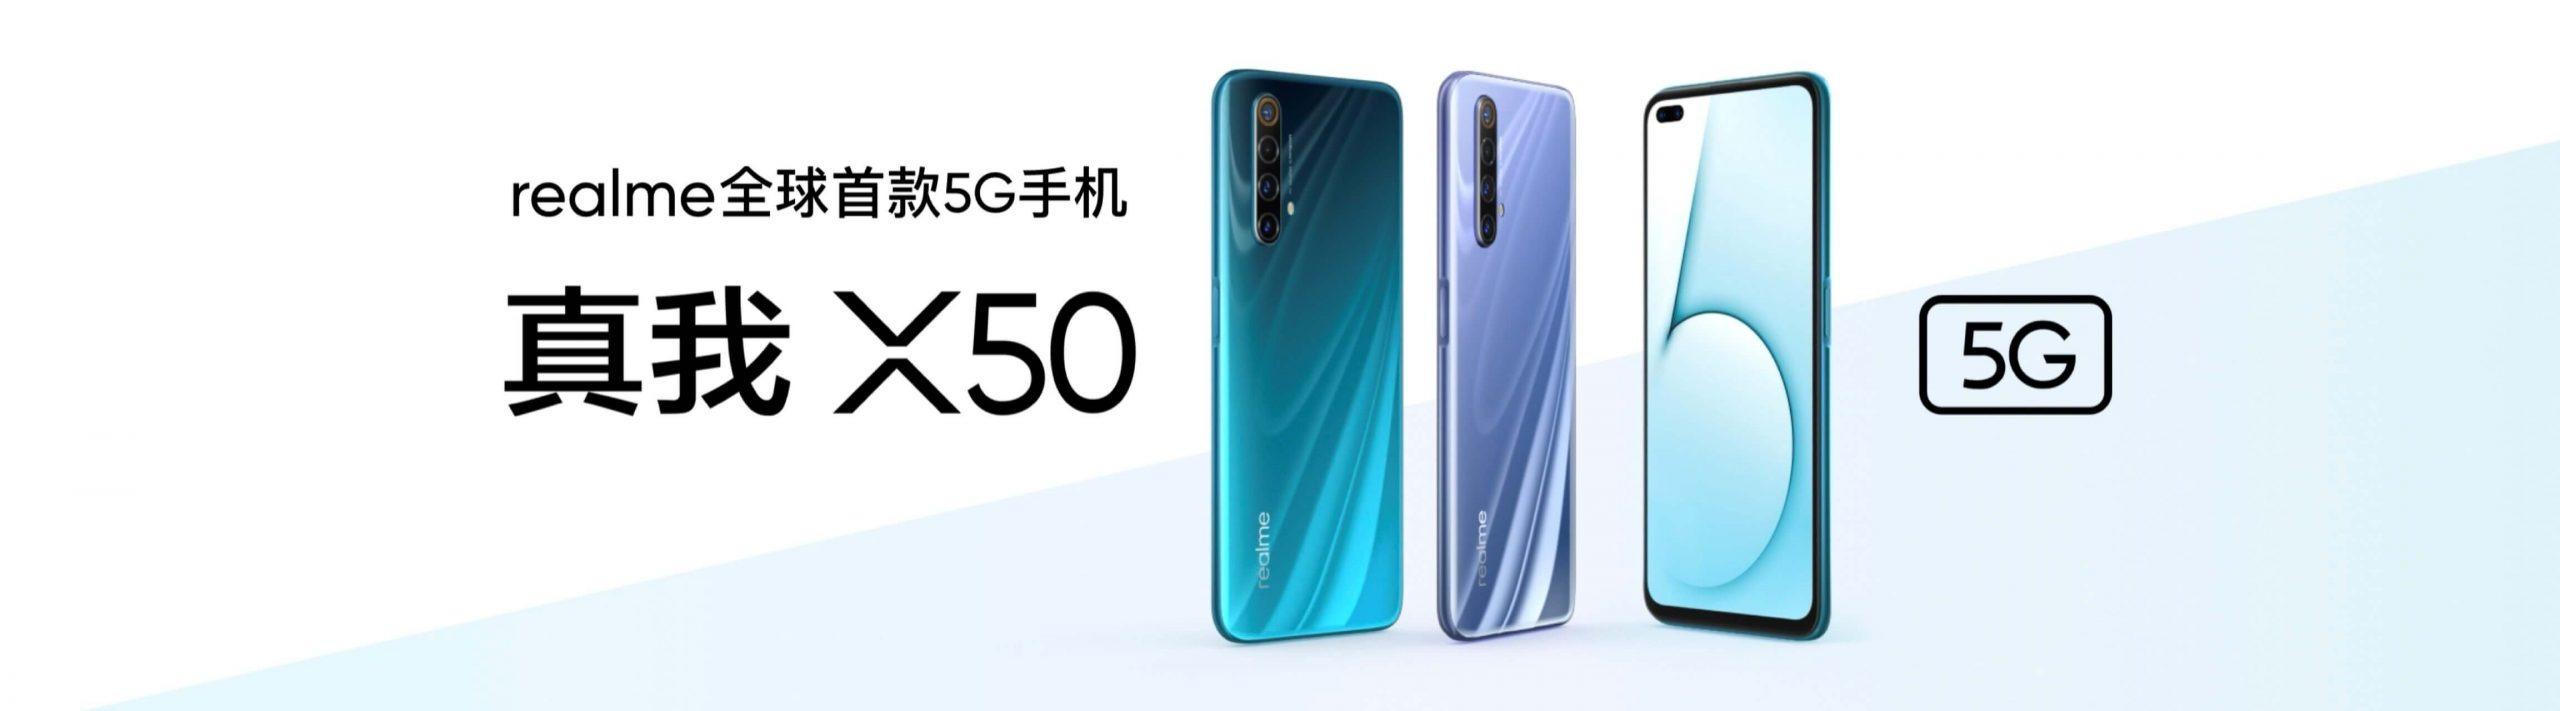 realme X50 – el primer smartphone 5G de realme